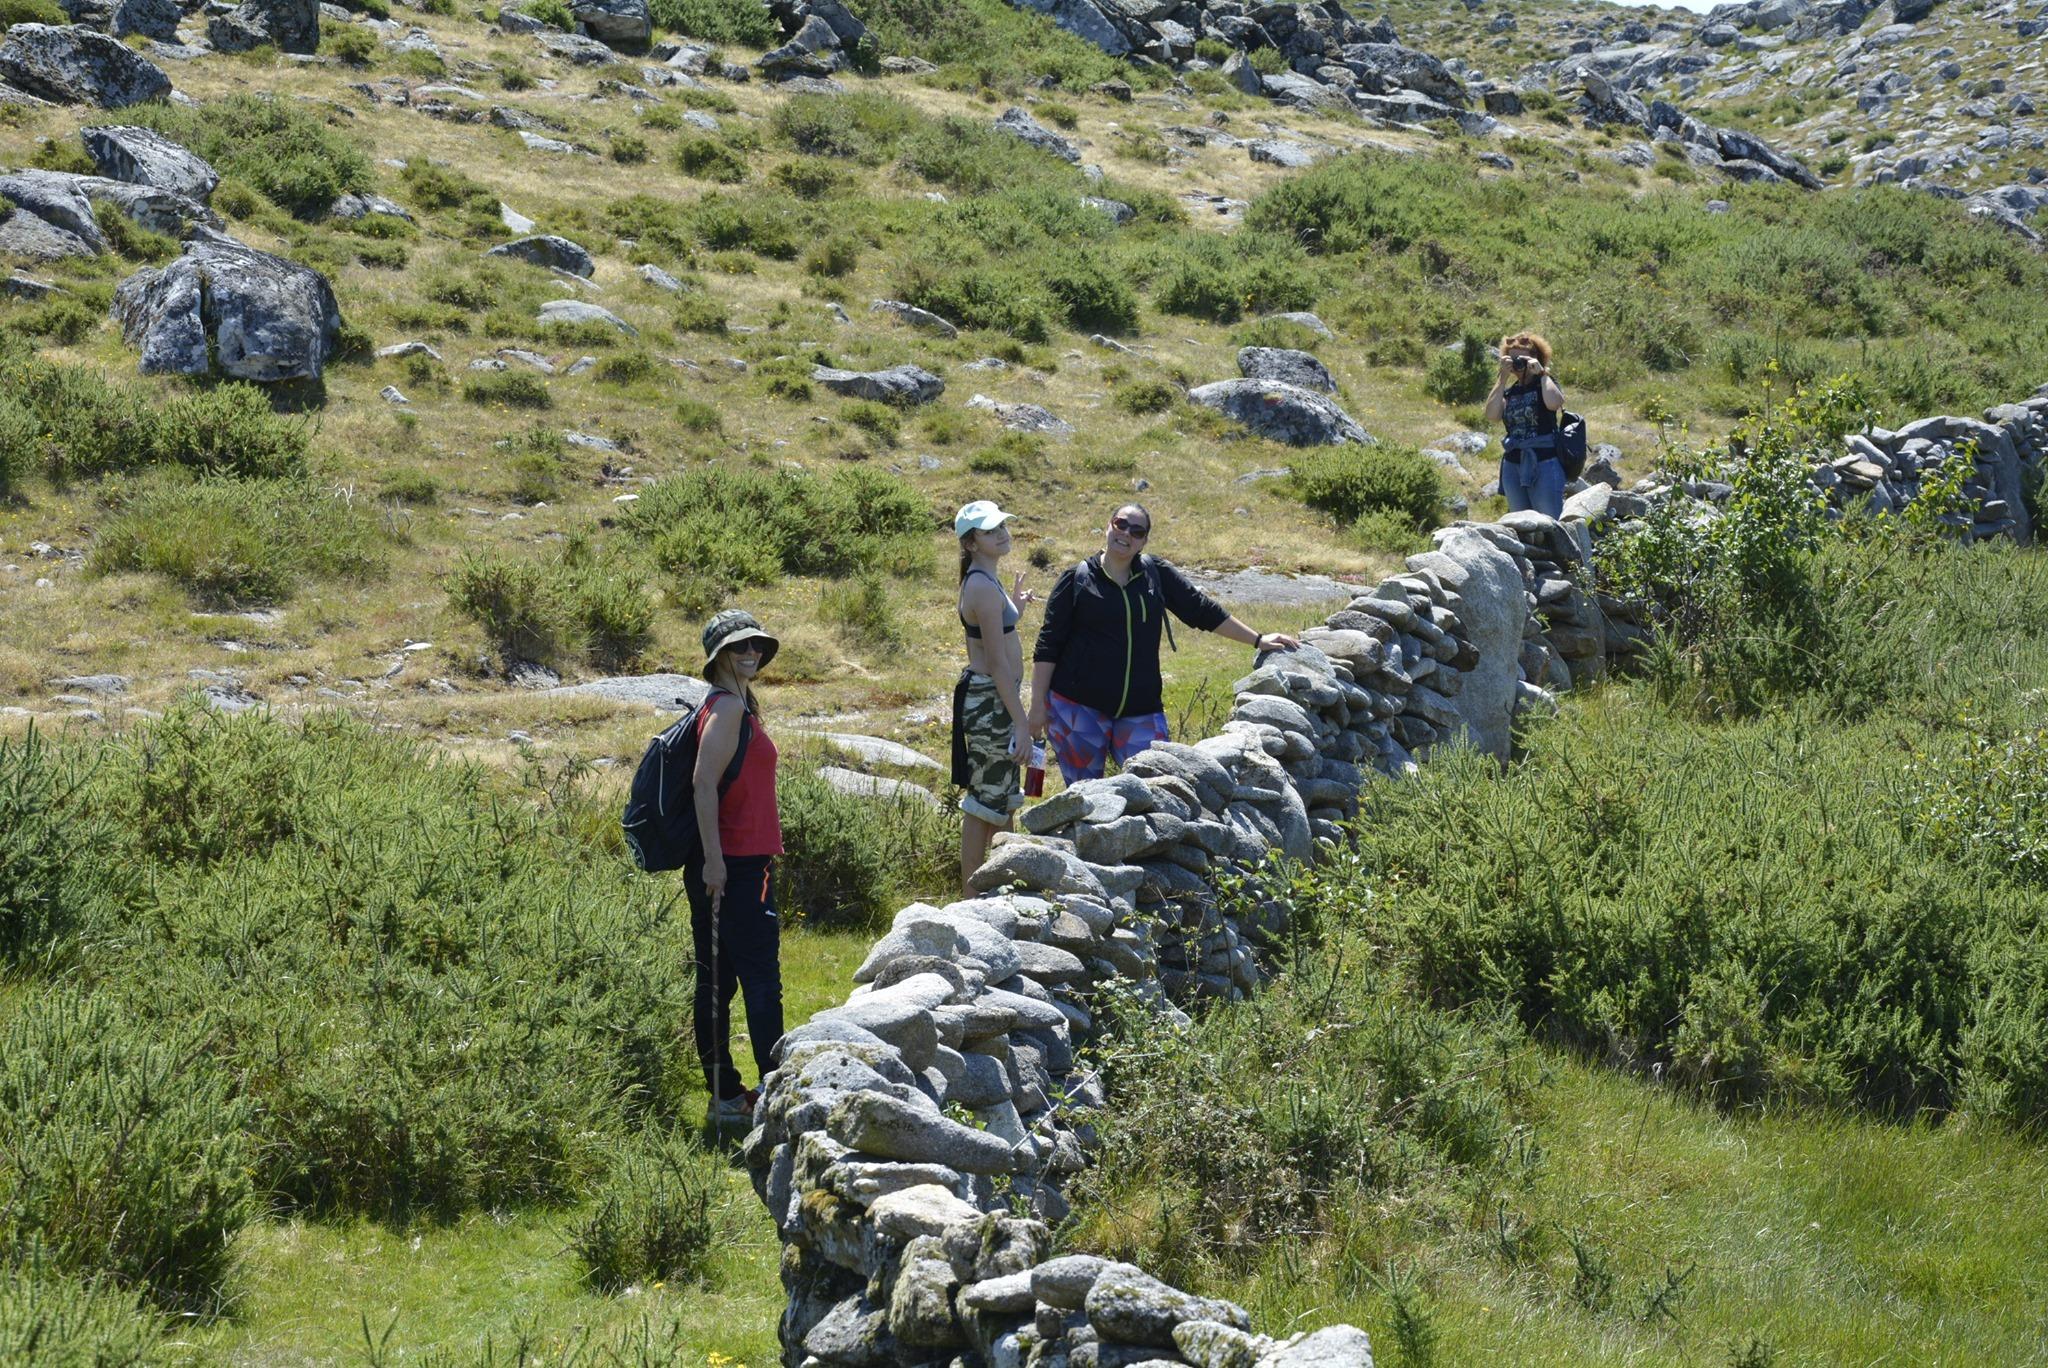 À Descoberta das Pedras Parideiras | Caminhada no Arouca Geopark